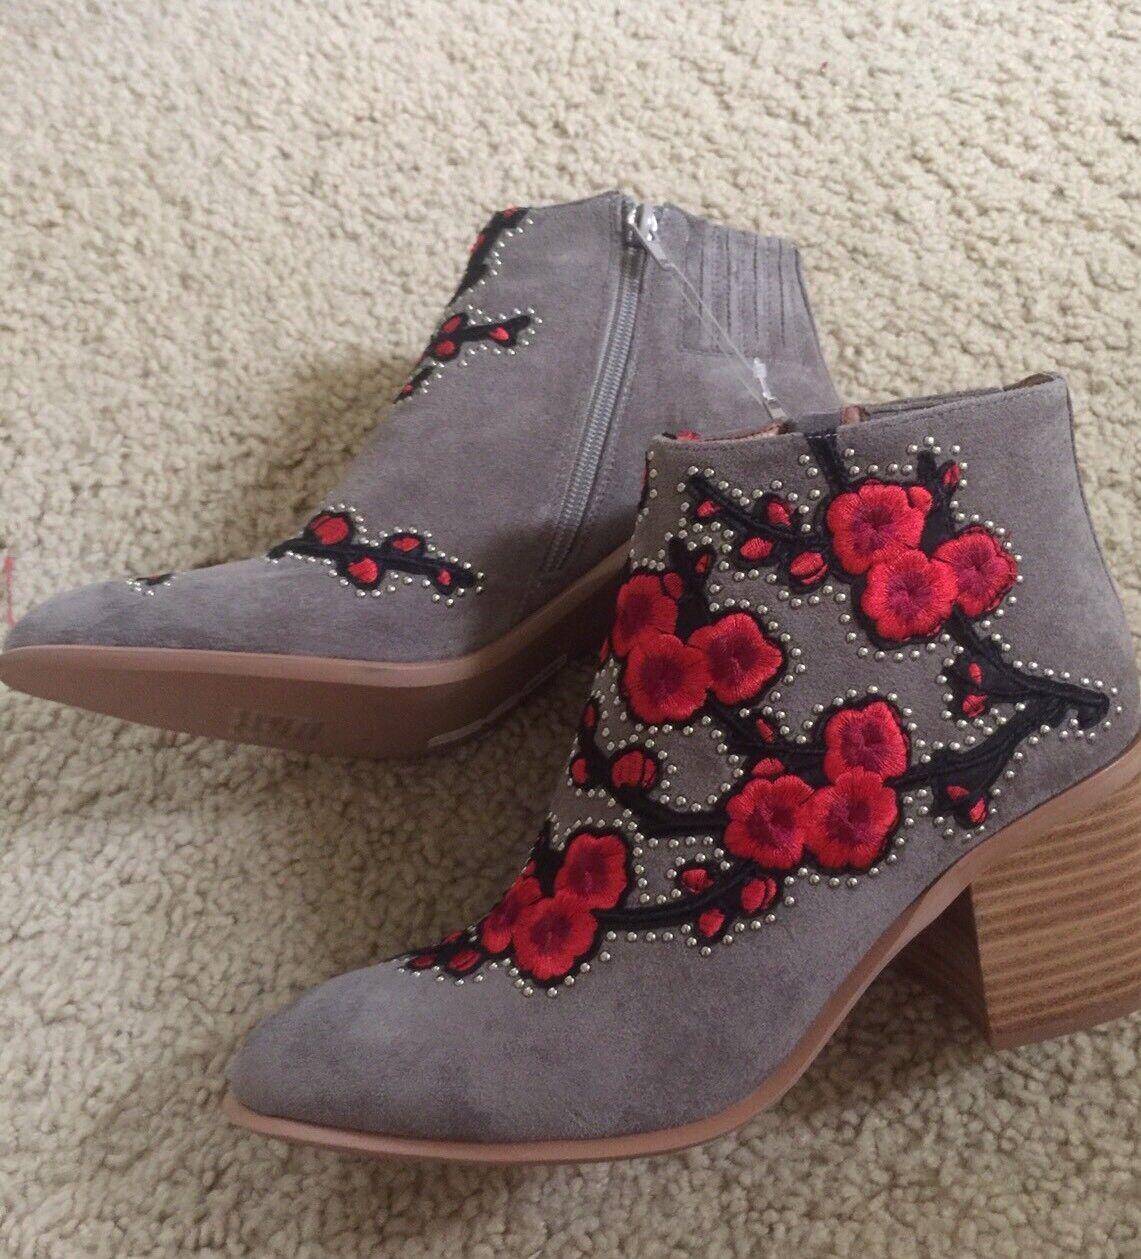 Jeffrey Campbell Camoscio brown Fiore di Ciliegio Ricamato Stivali Caviglia